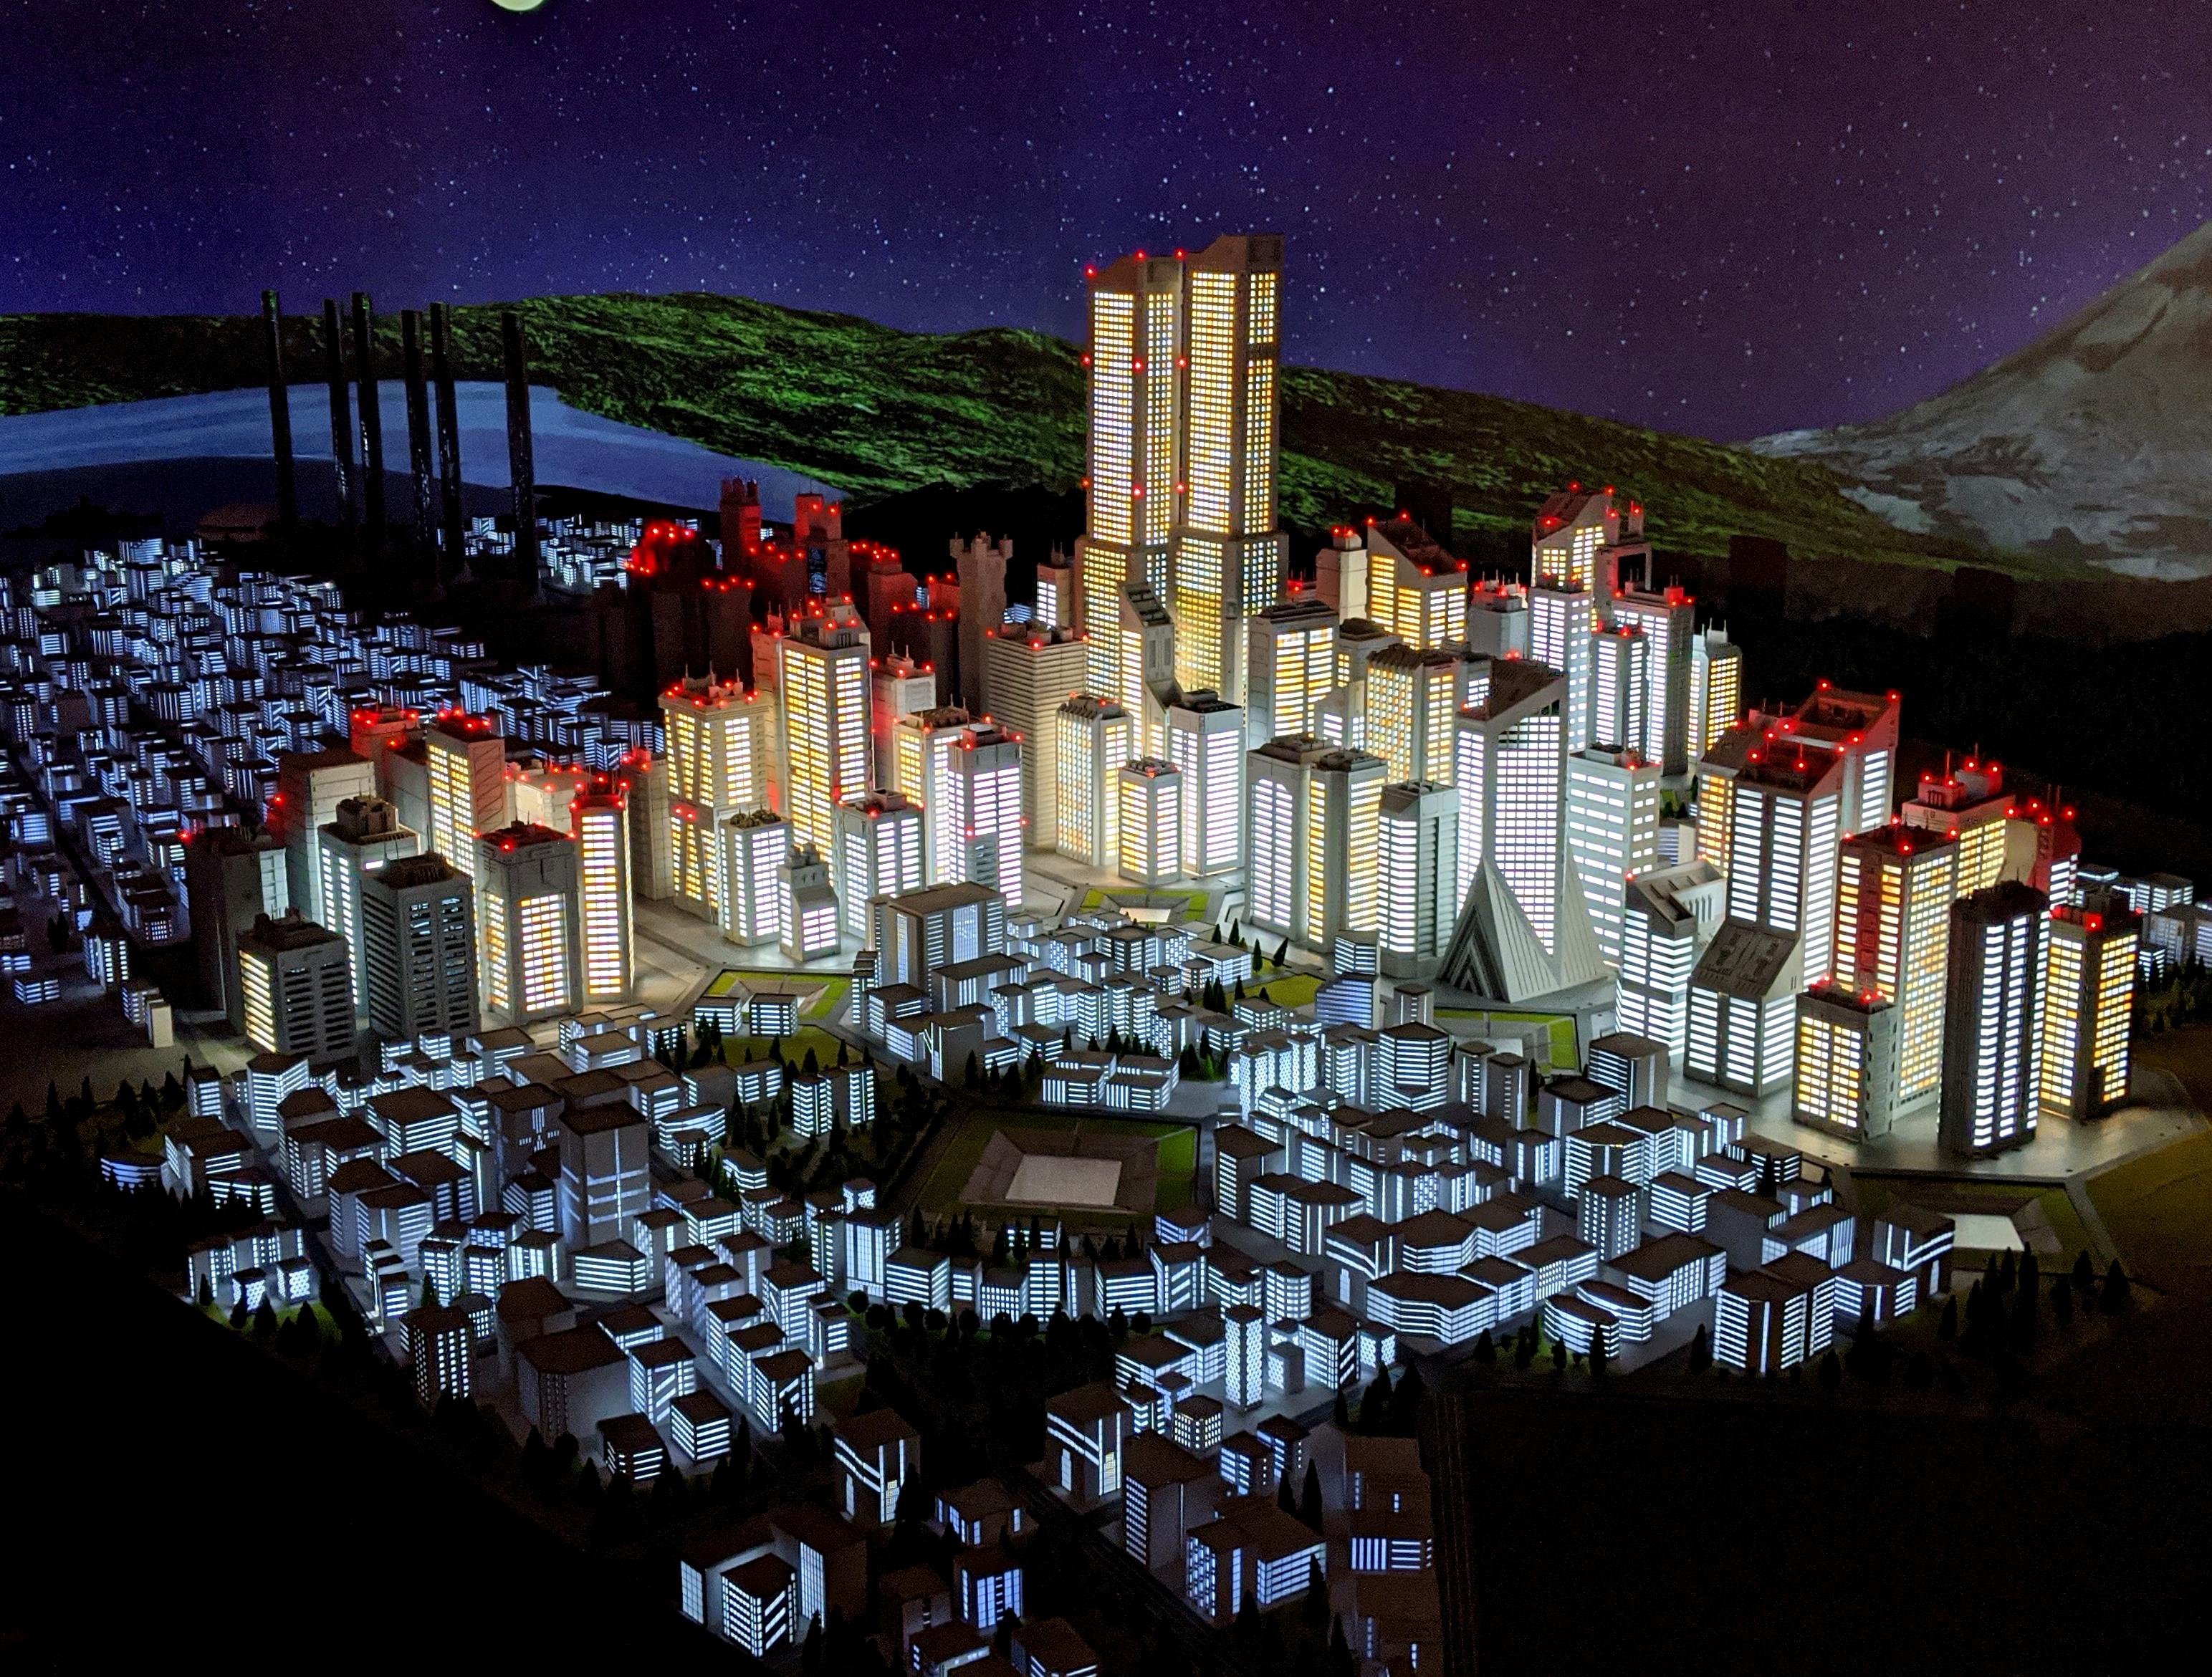 エヴァ】第3新東京市の住民になれる! 街やエヴァの格納庫に、自分の ...